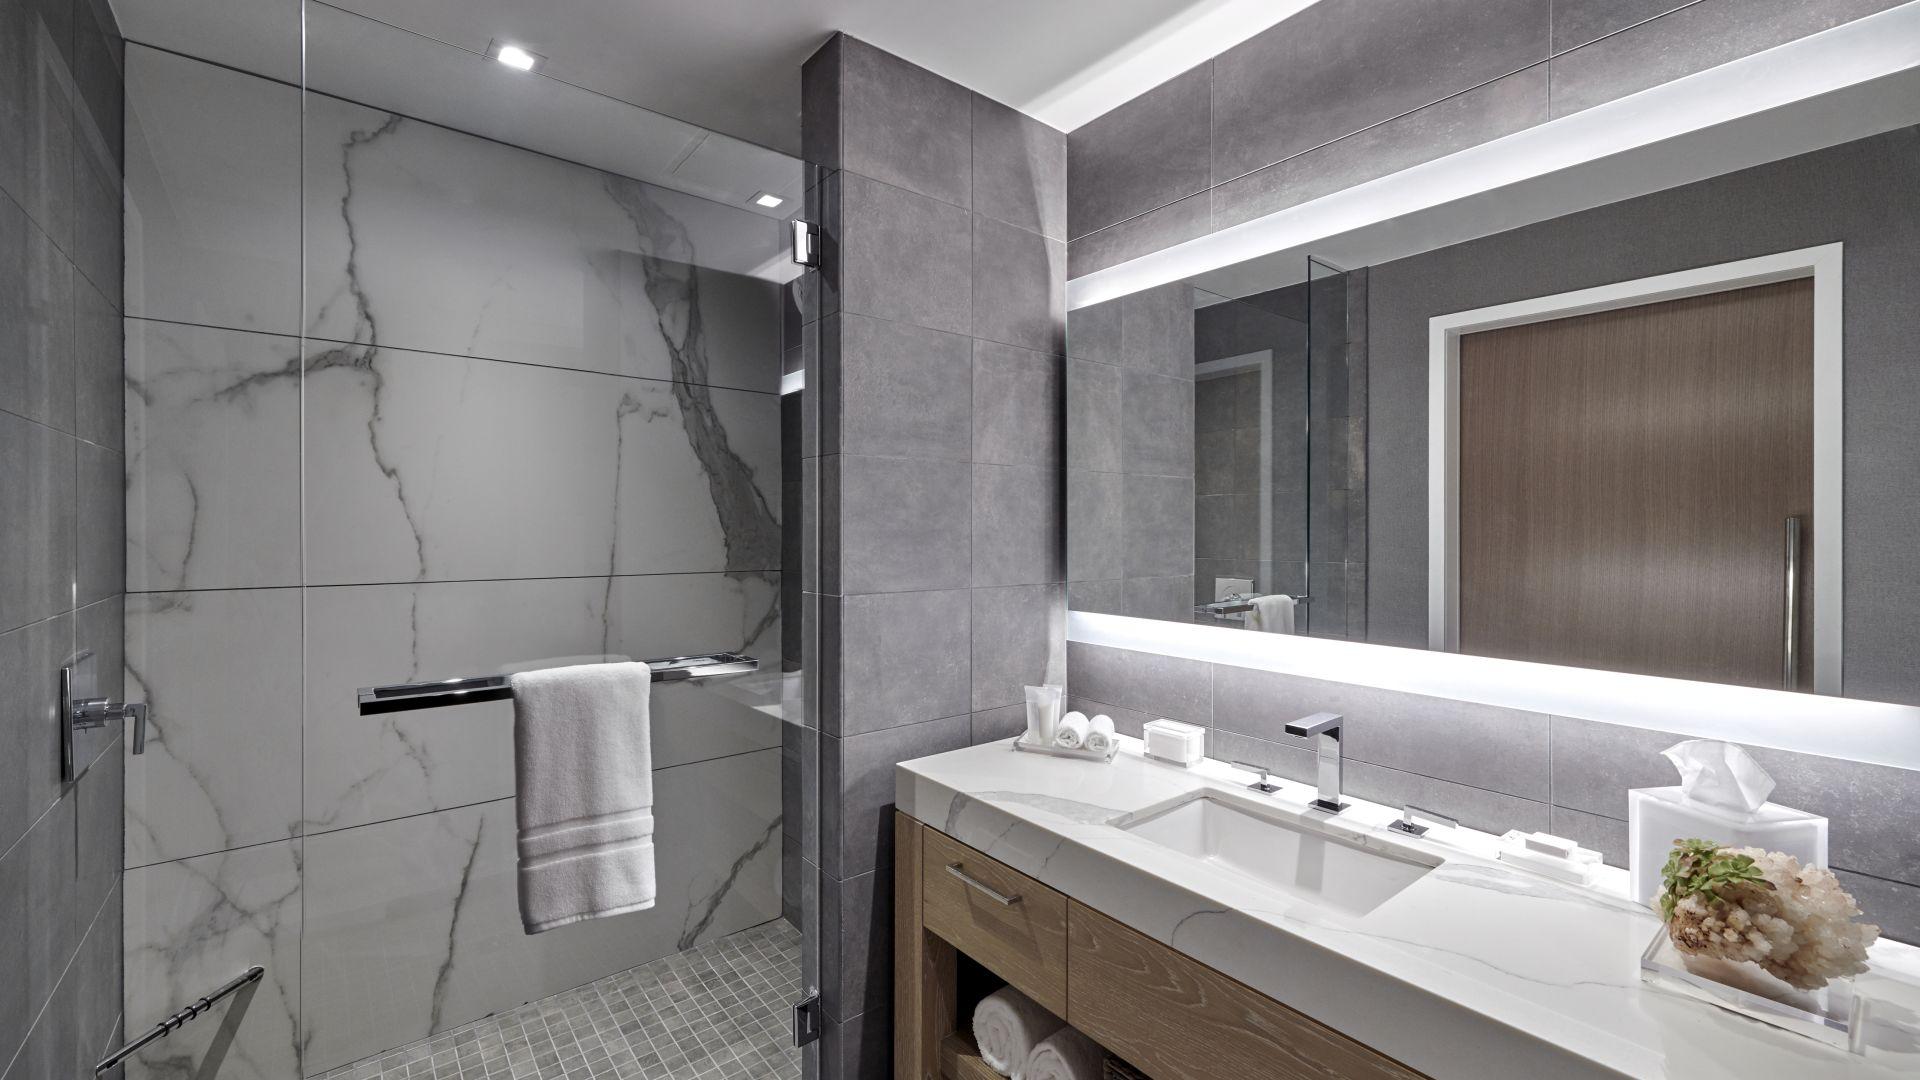 Baño de suite king con ducha separada - habitación modelo